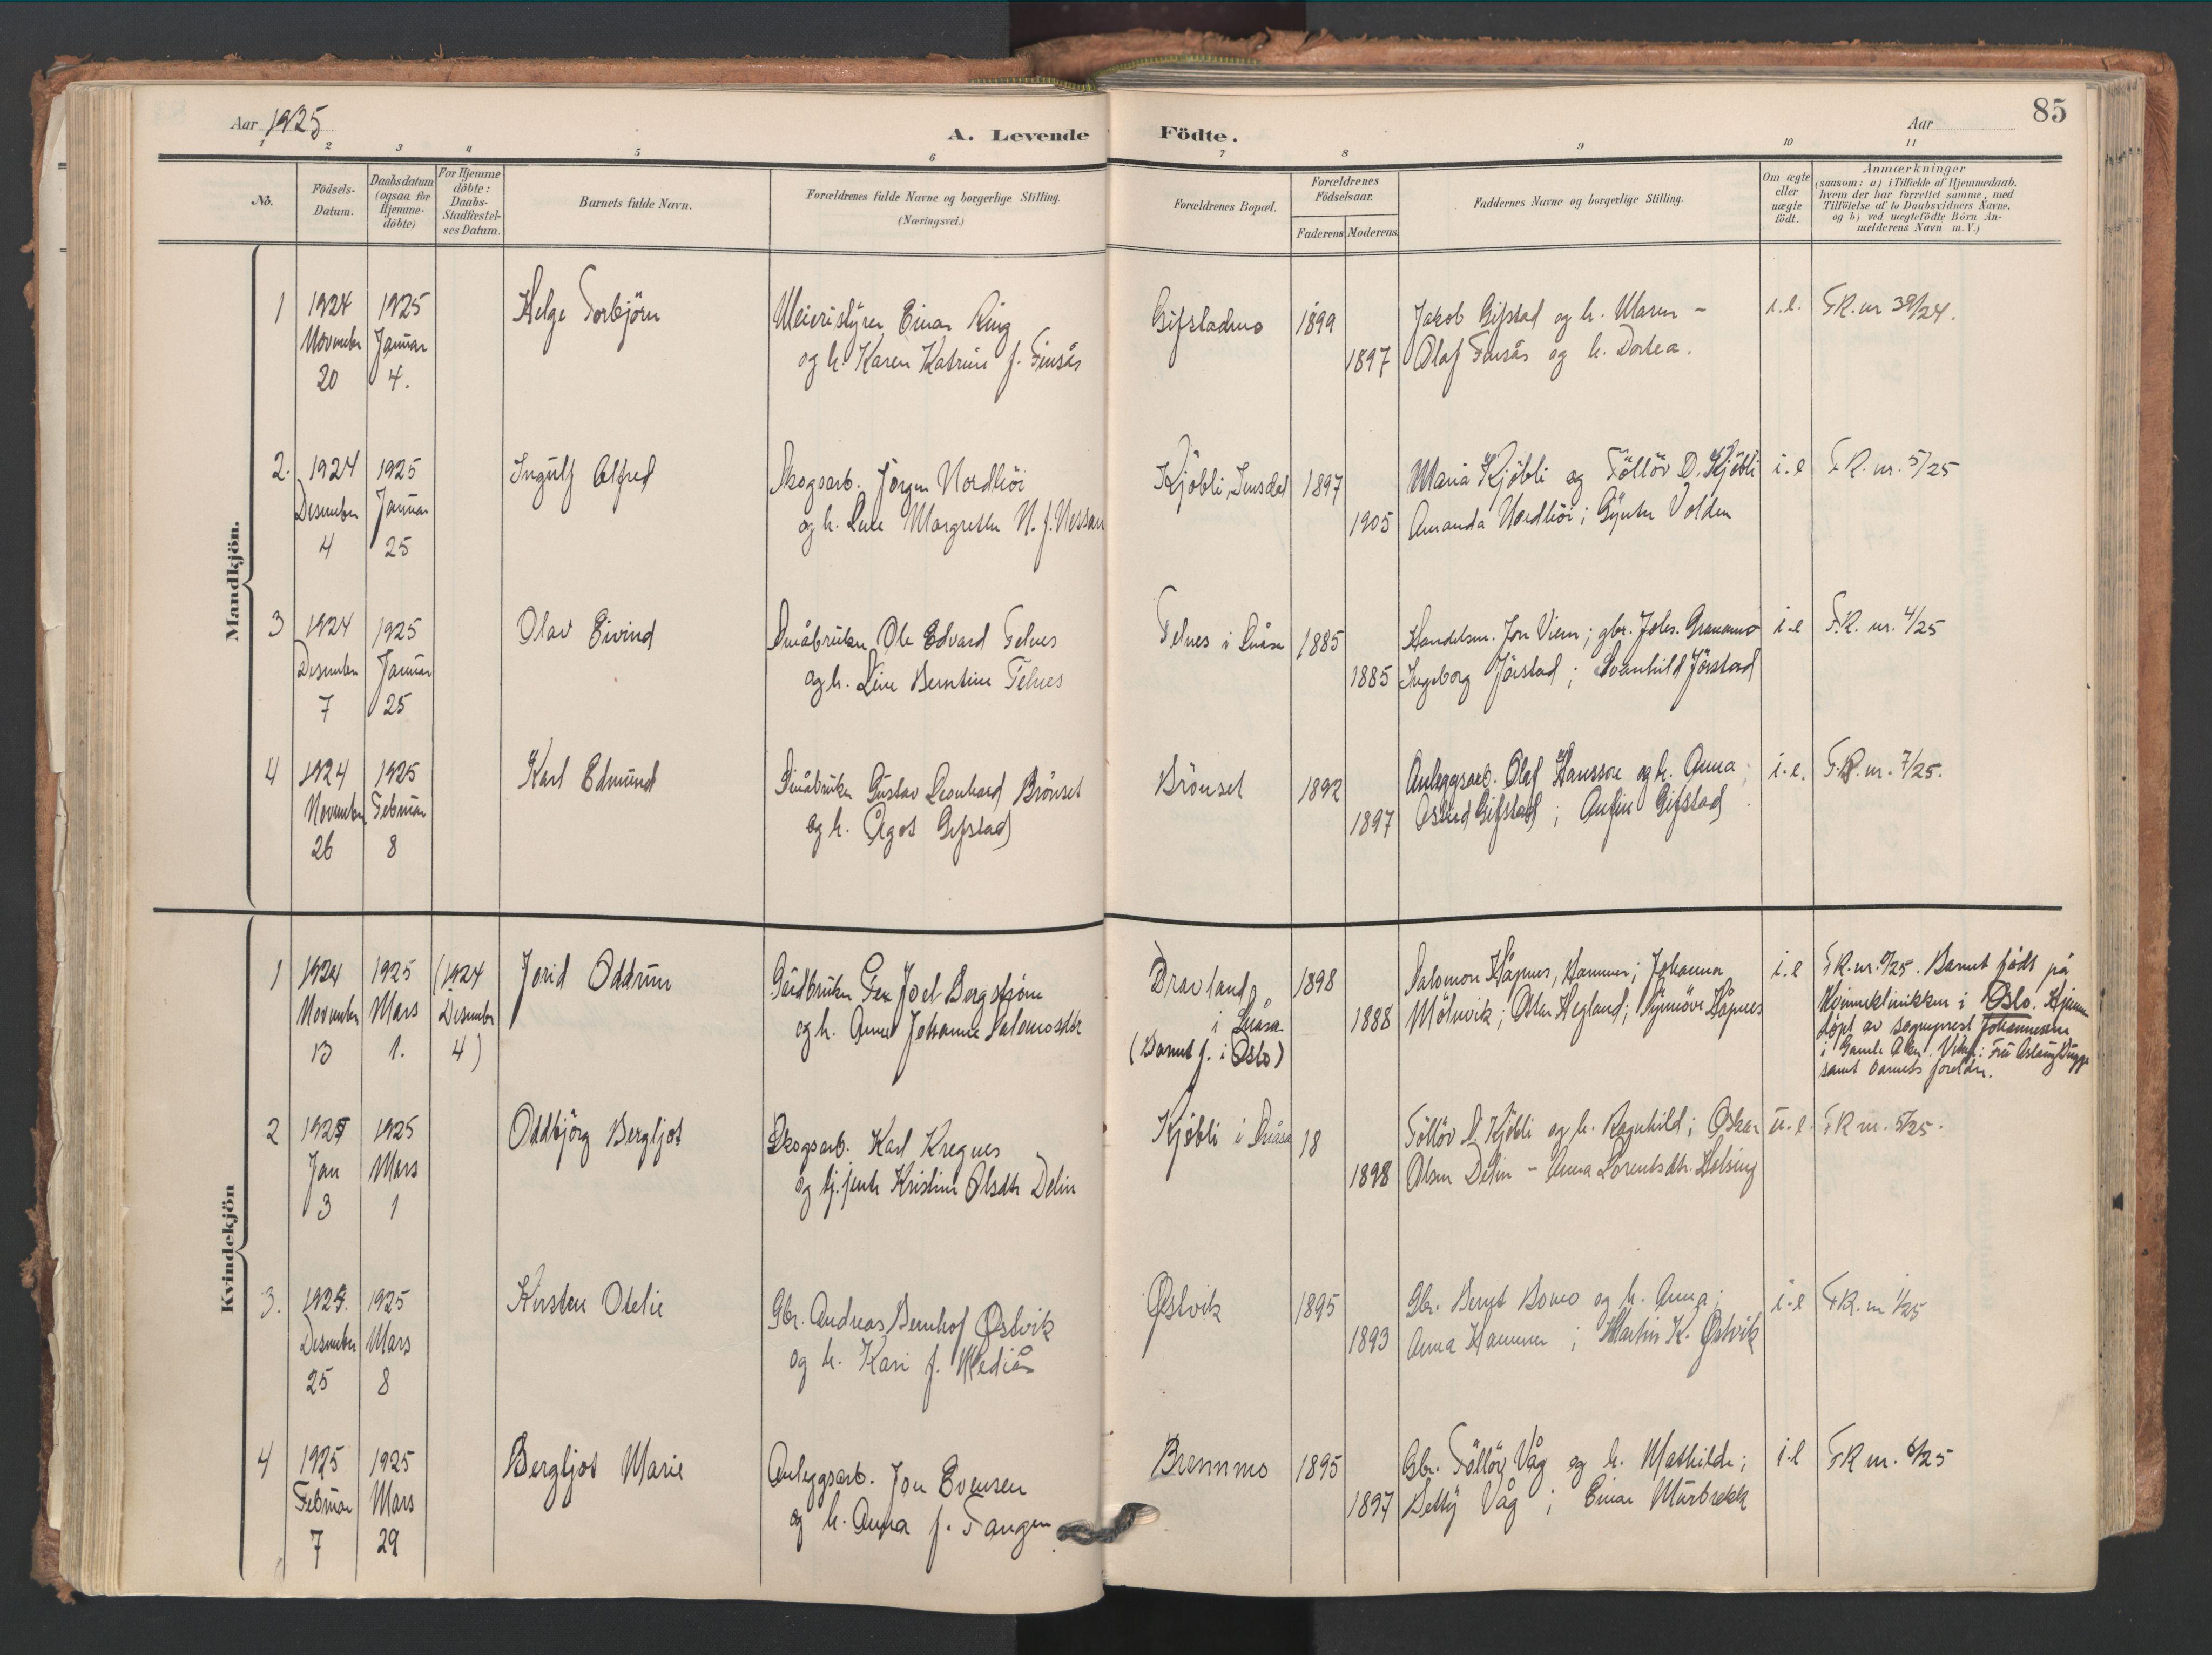 SAT, Ministerialprotokoller, klokkerbøker og fødselsregistre - Nord-Trøndelag, 749/L0477: Ministerialbok nr. 749A11, 1902-1927, s. 85